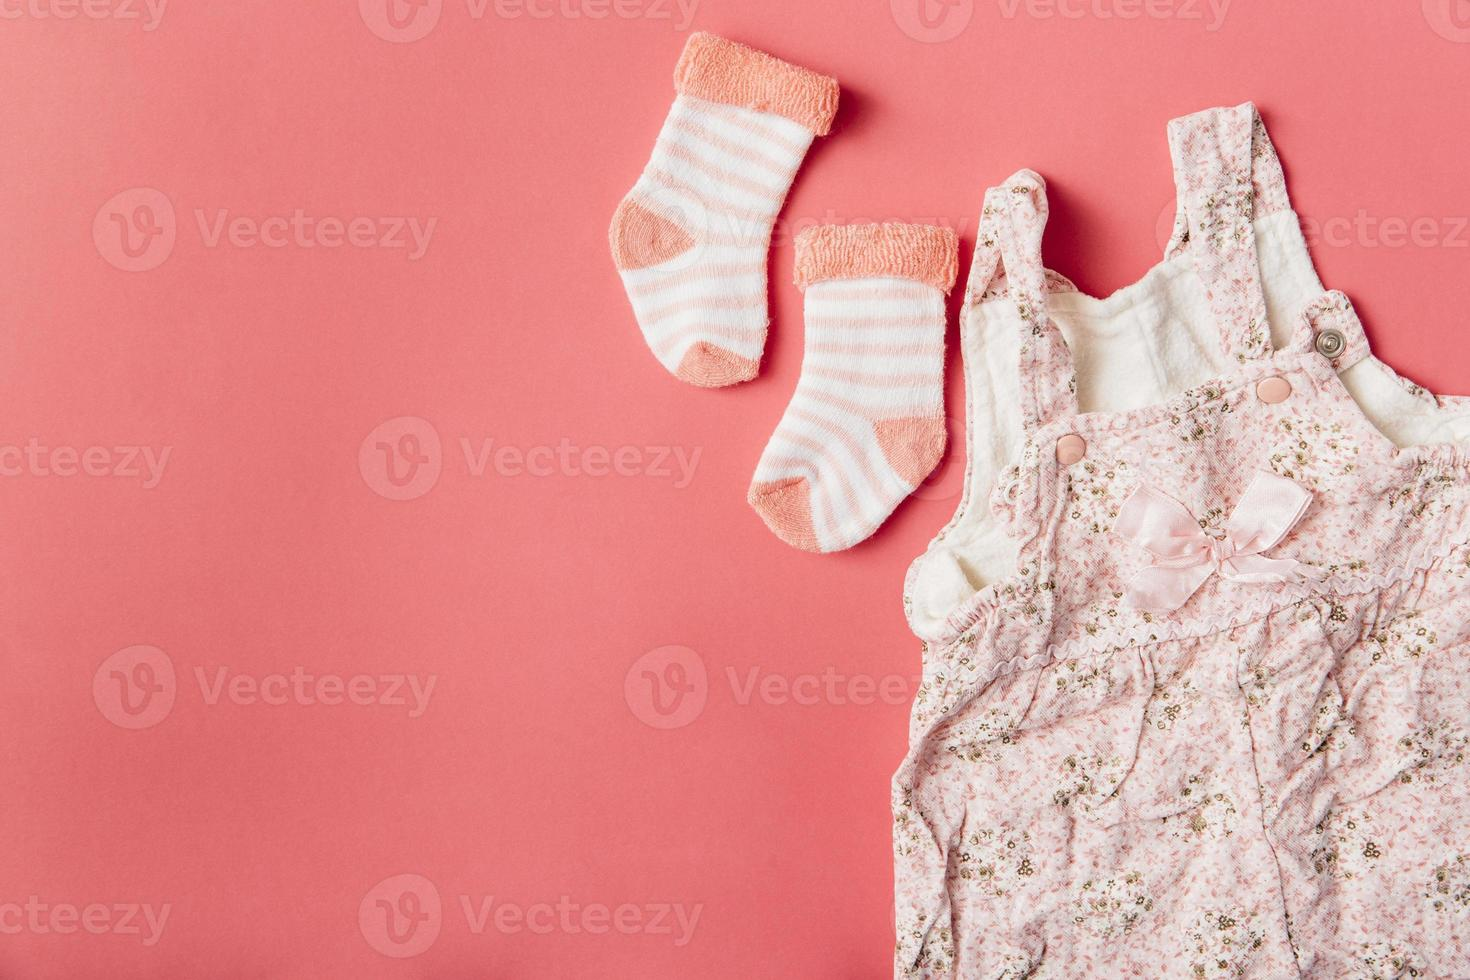 Paire de chaussettes bébé et robe sur fond de couleur vive photo